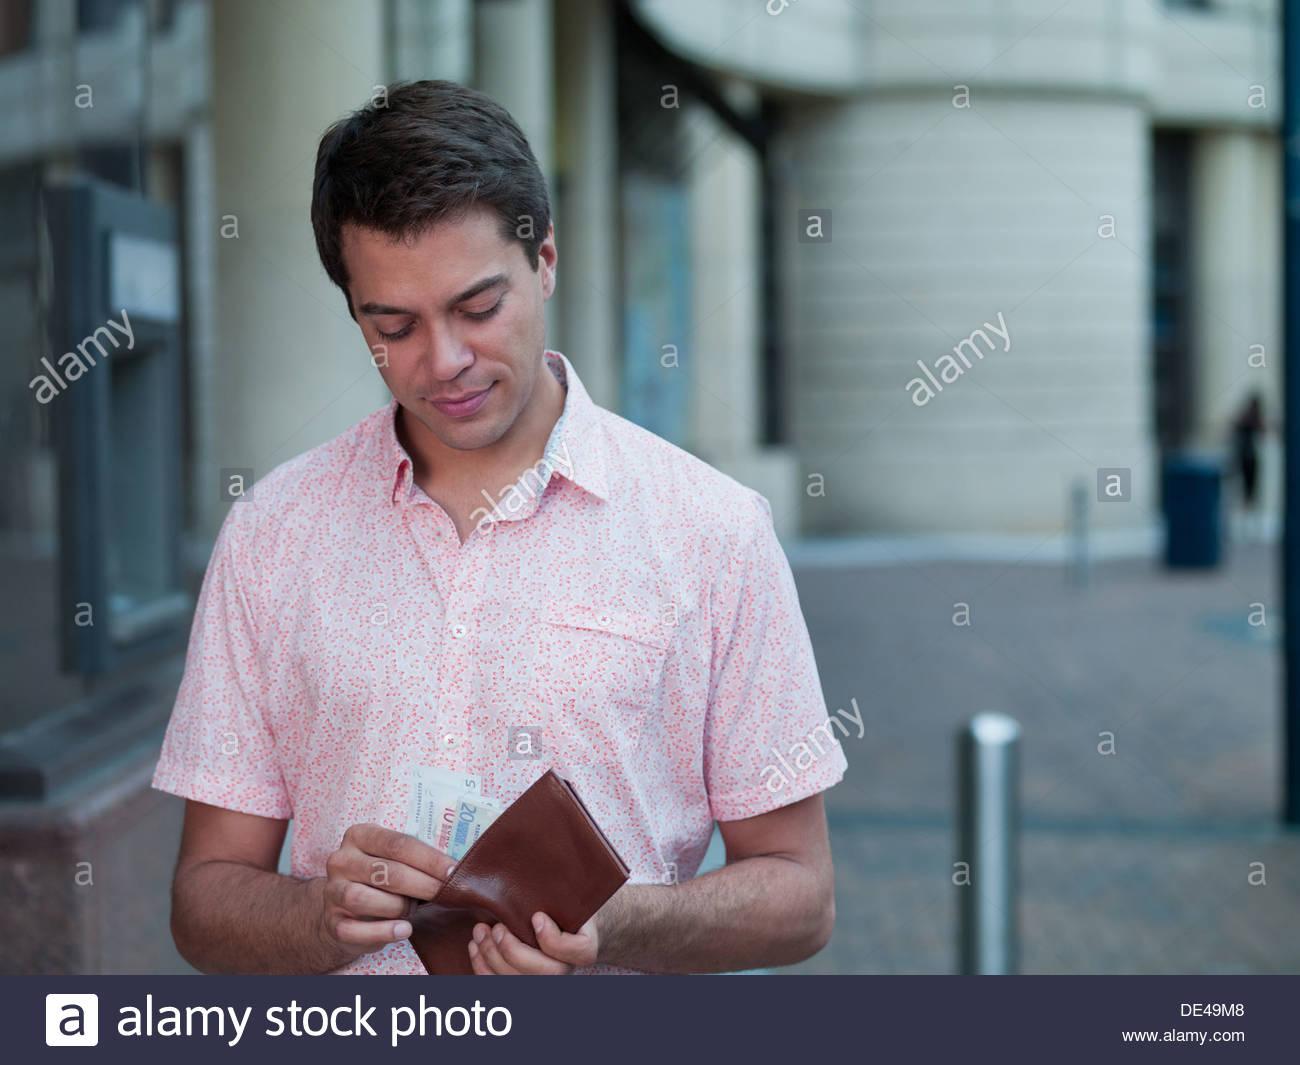 Uomo con tasca vicino al bancomat Immagini Stock